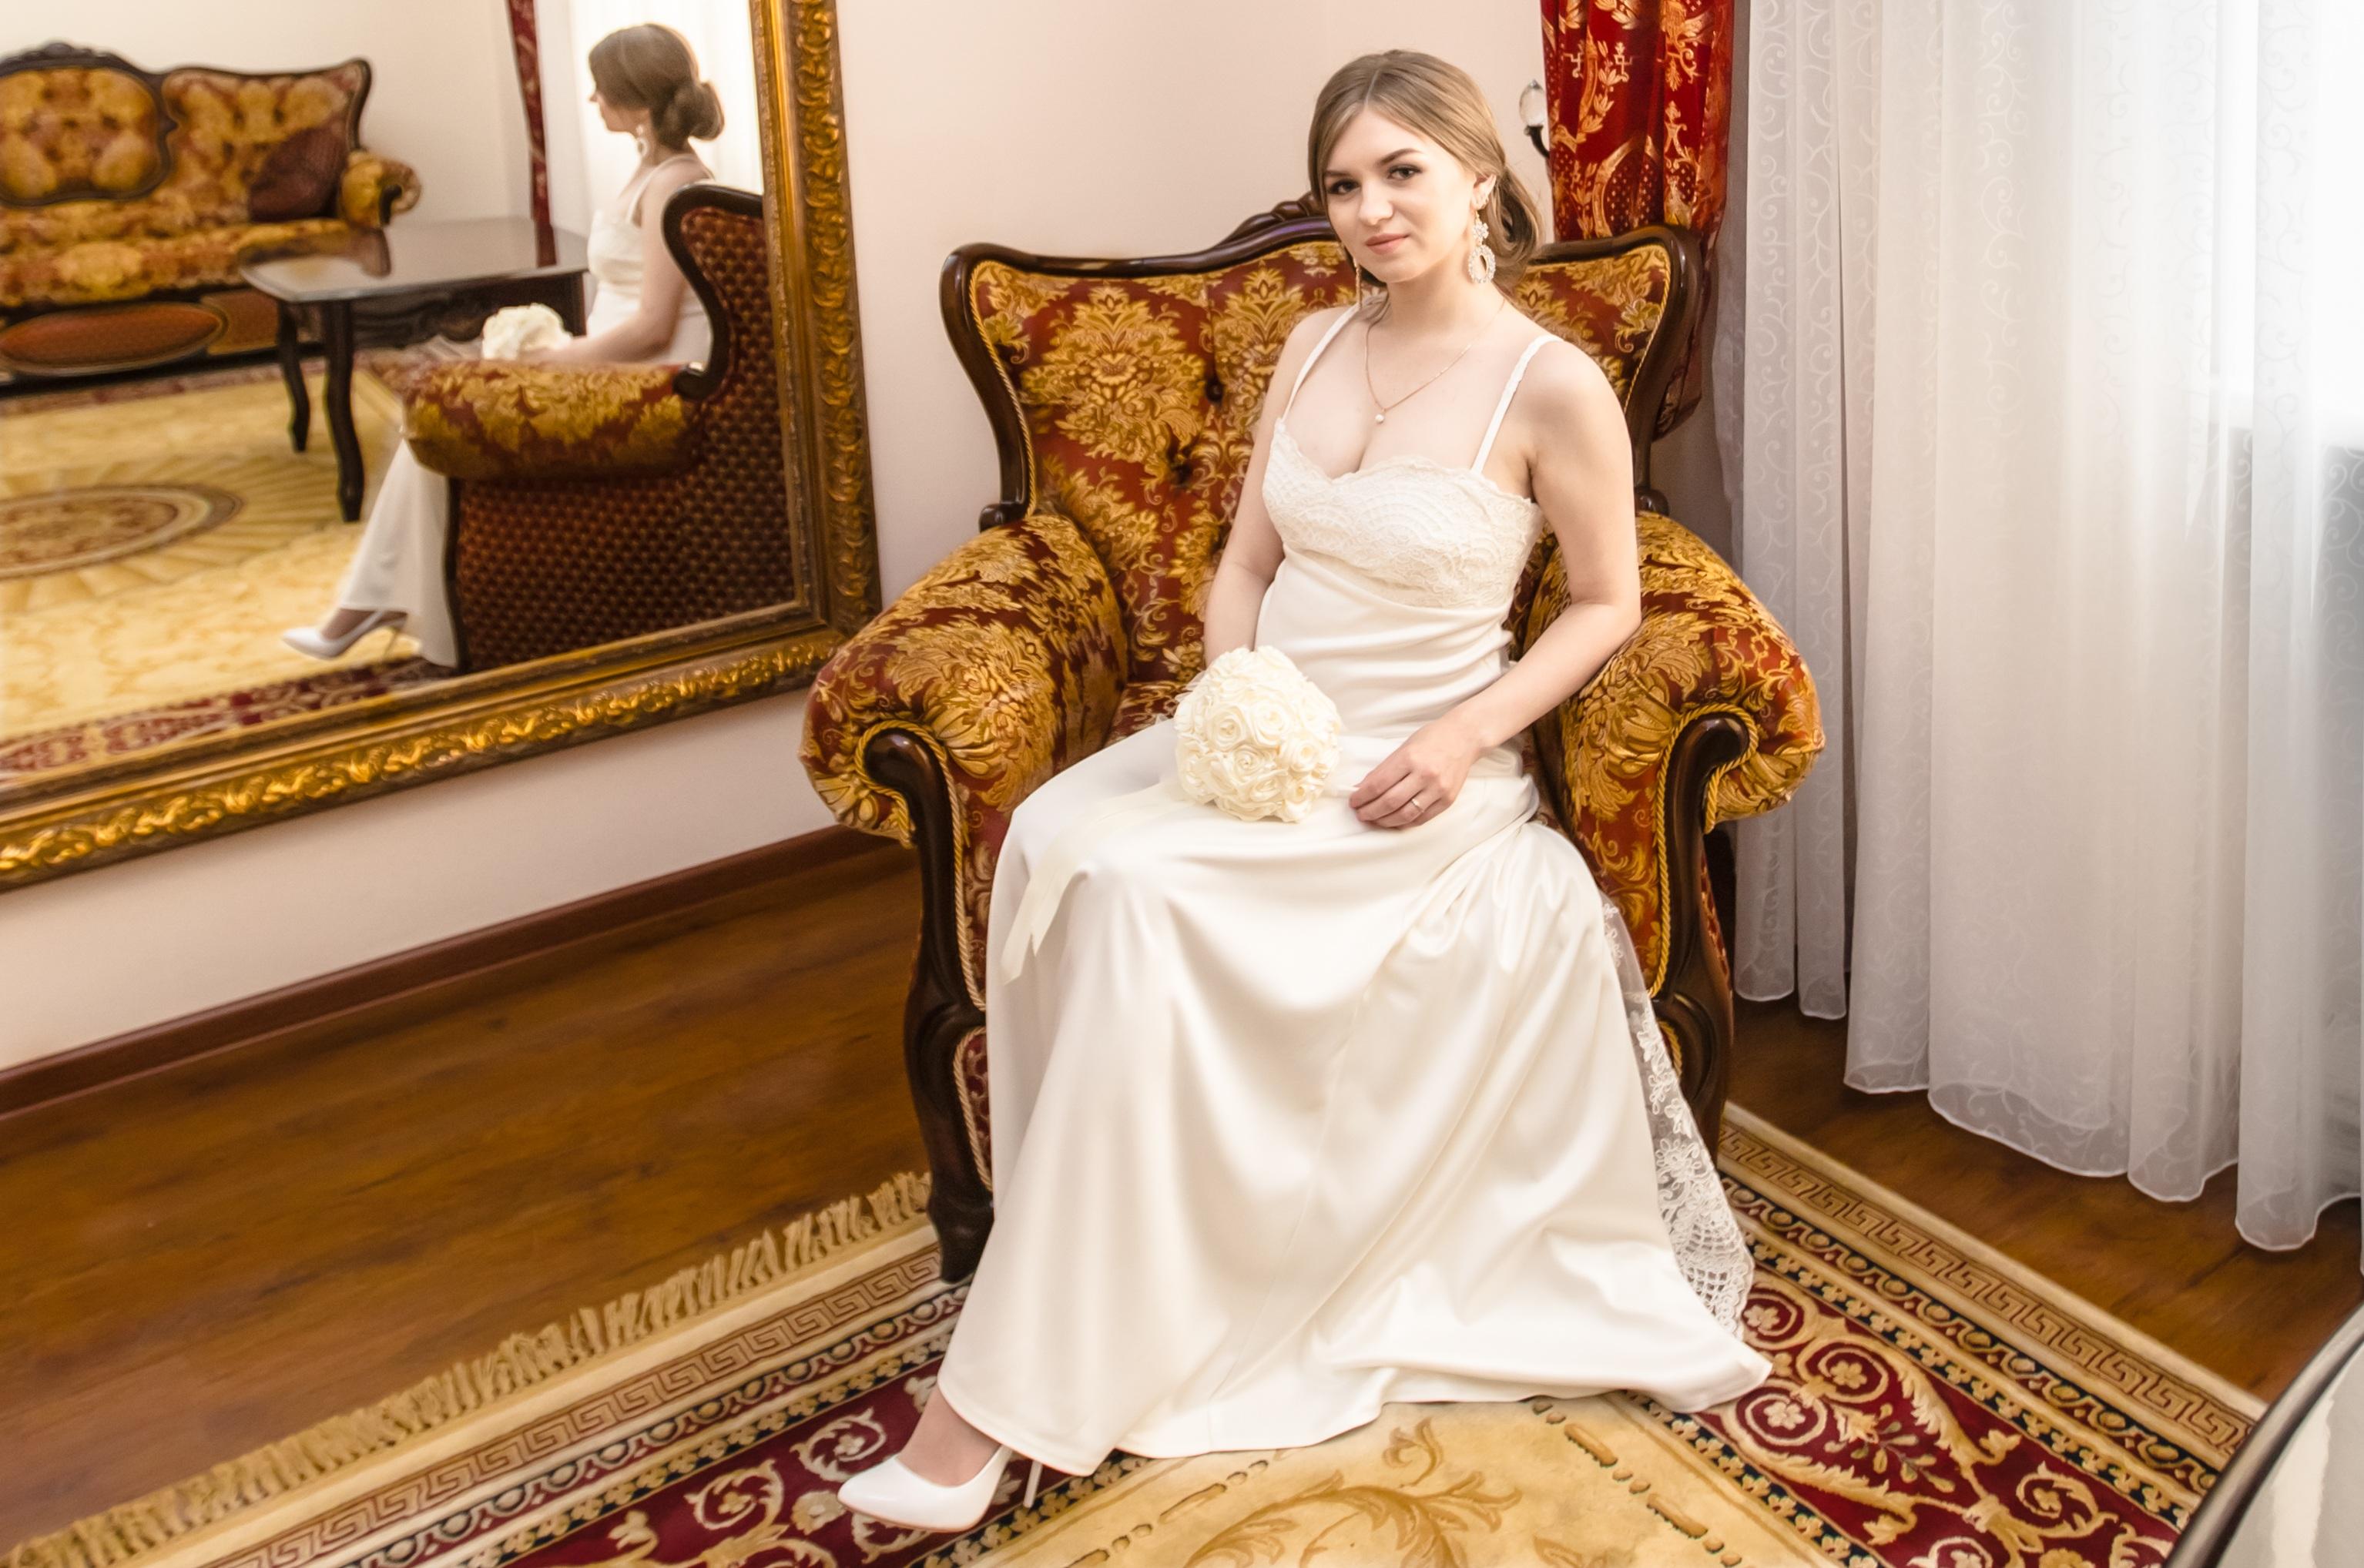 Kostenlose foto : Frau, Zimmer, Hochzeit, Hochzeitskleid, Braut, Ehe ...